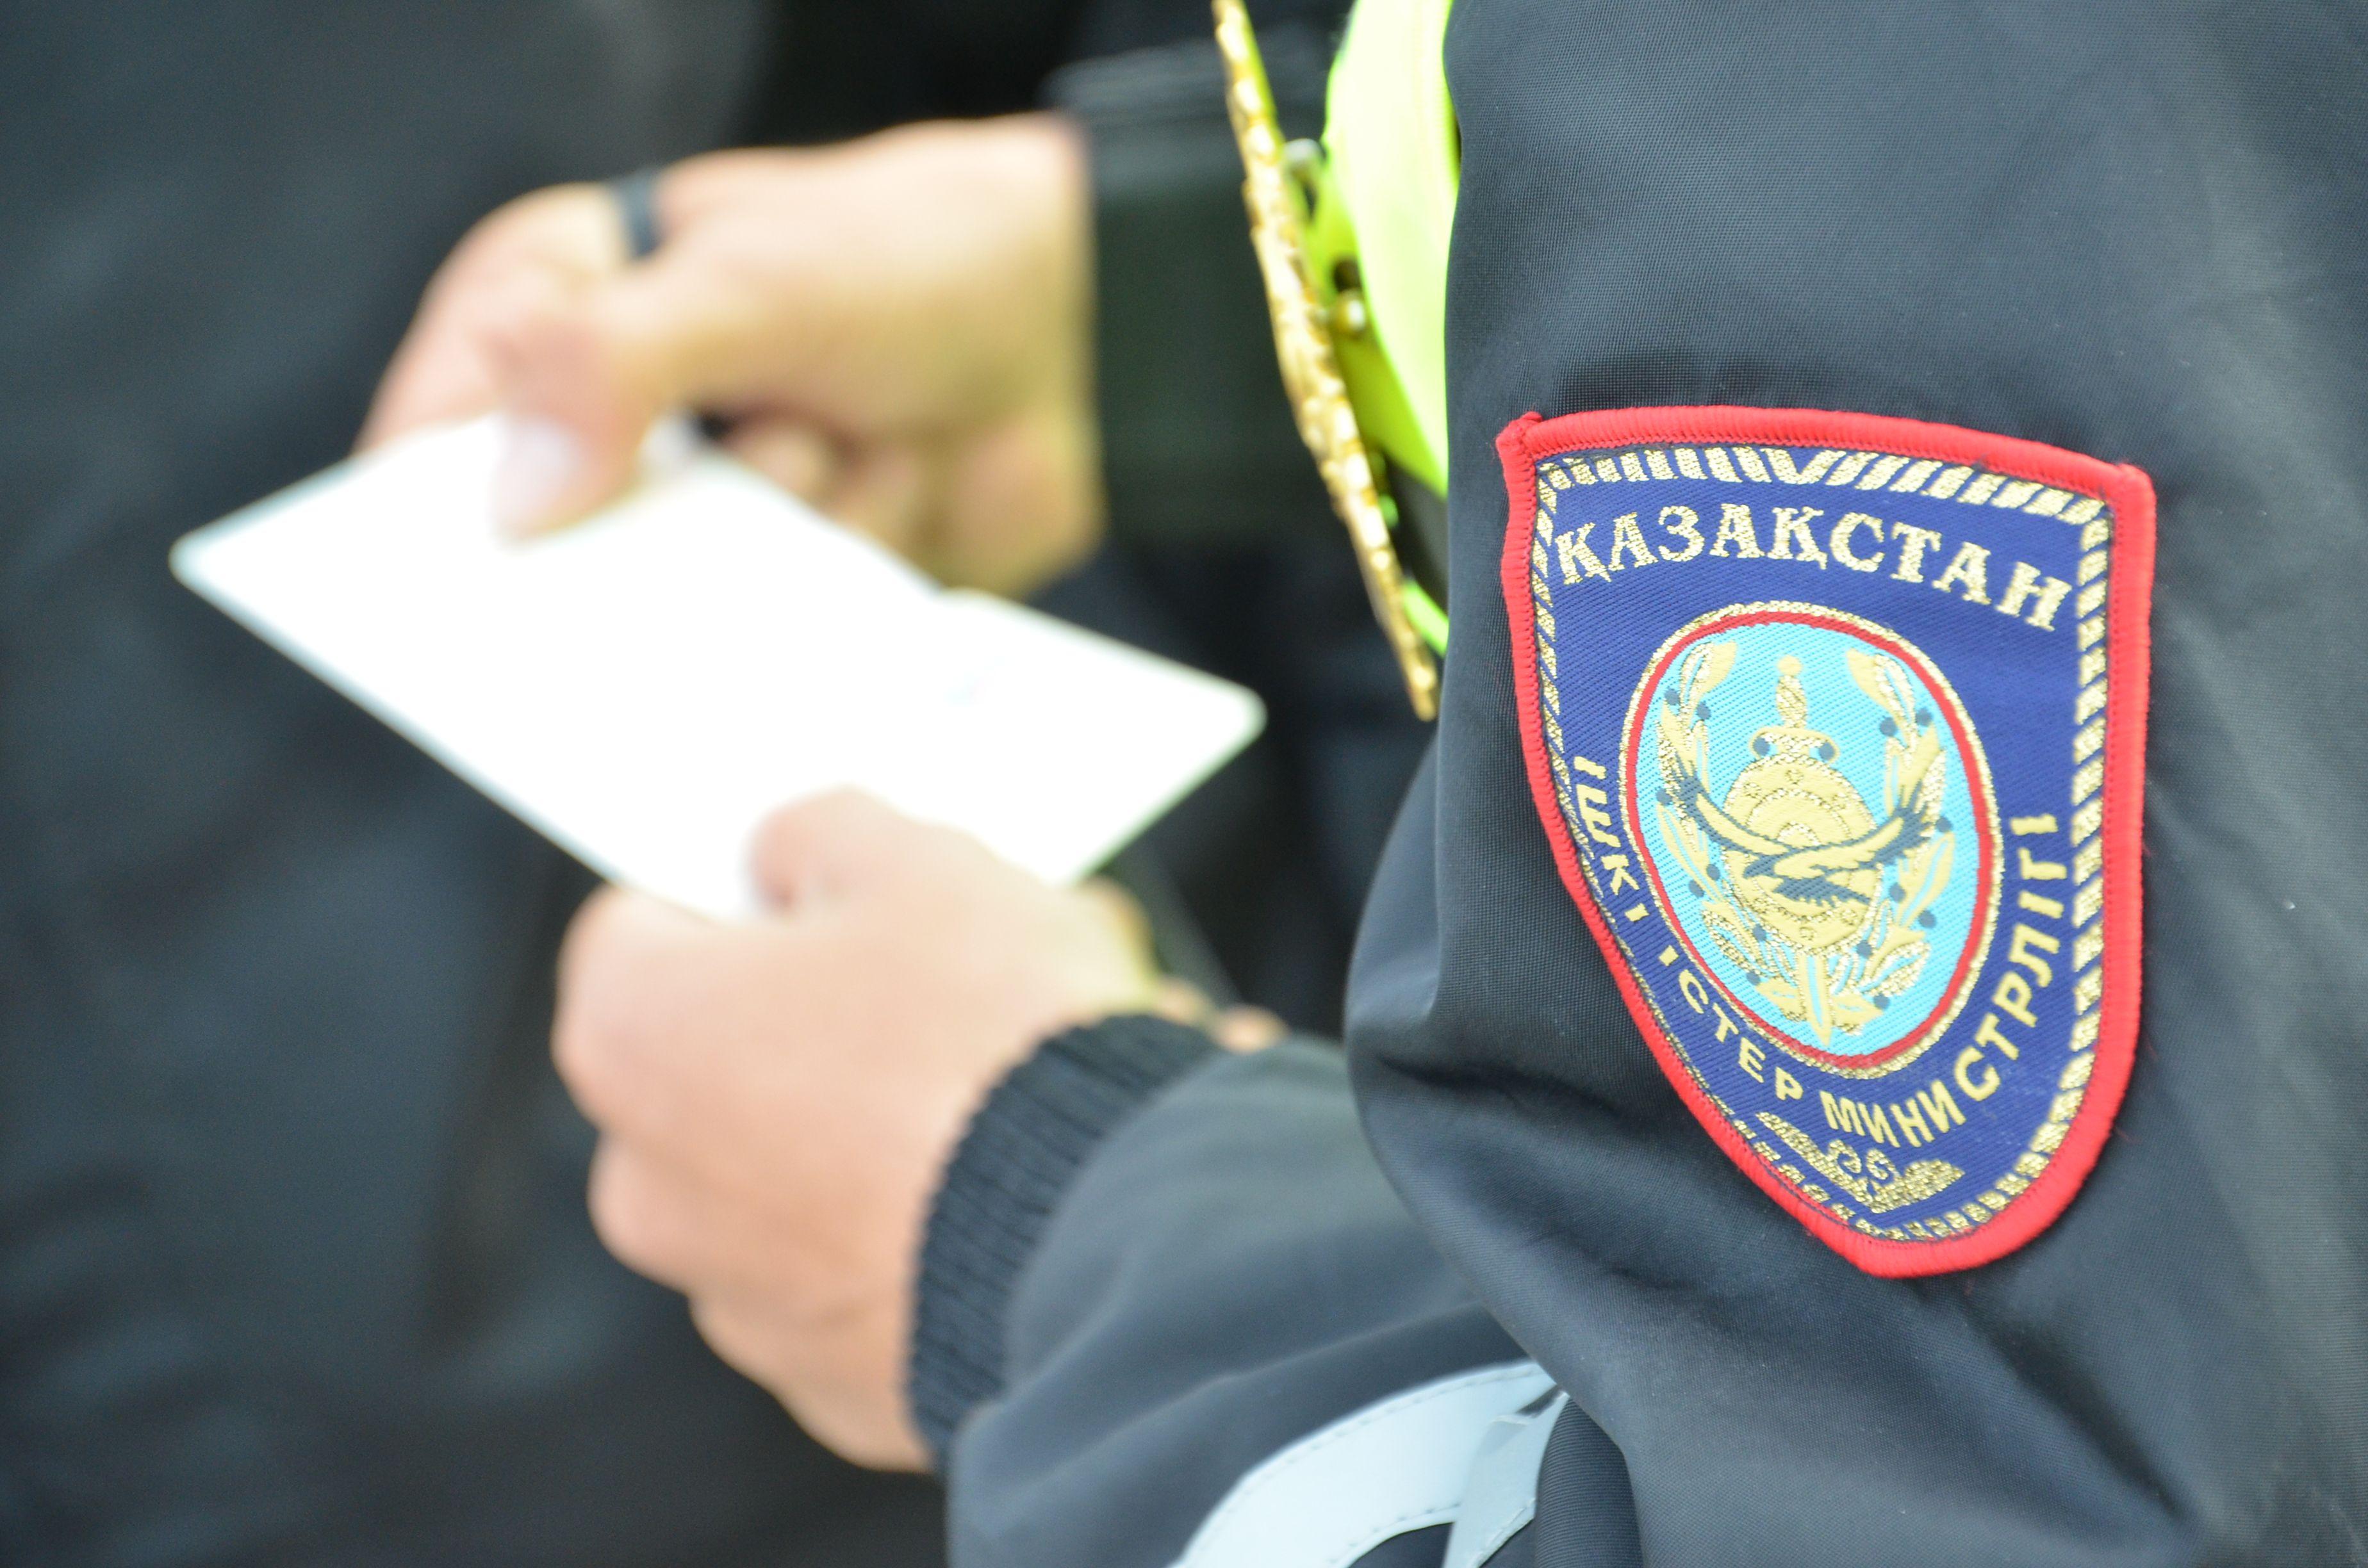 «Ішіңе кірген жынды шығарамын»: Емшіден таяқ жеген ақтөбелік полицияға шағымданды